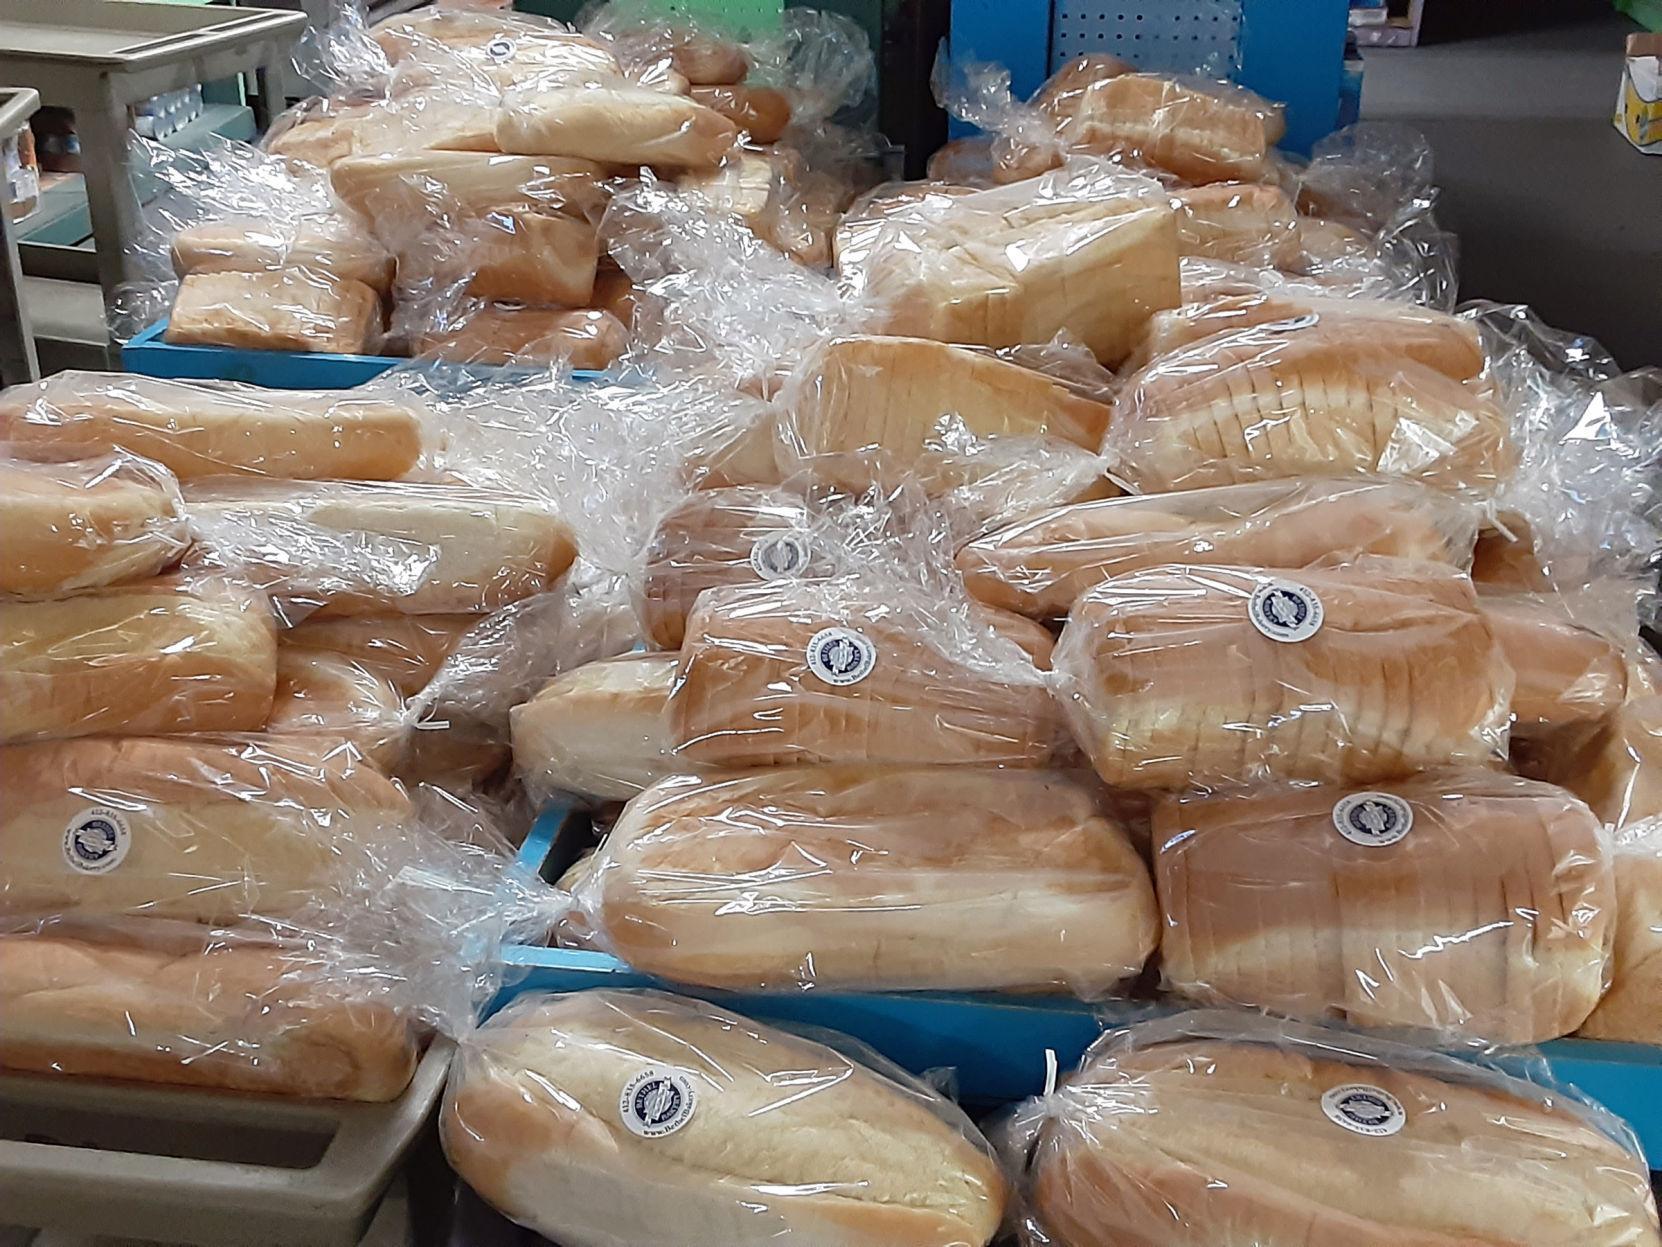 Bread donation